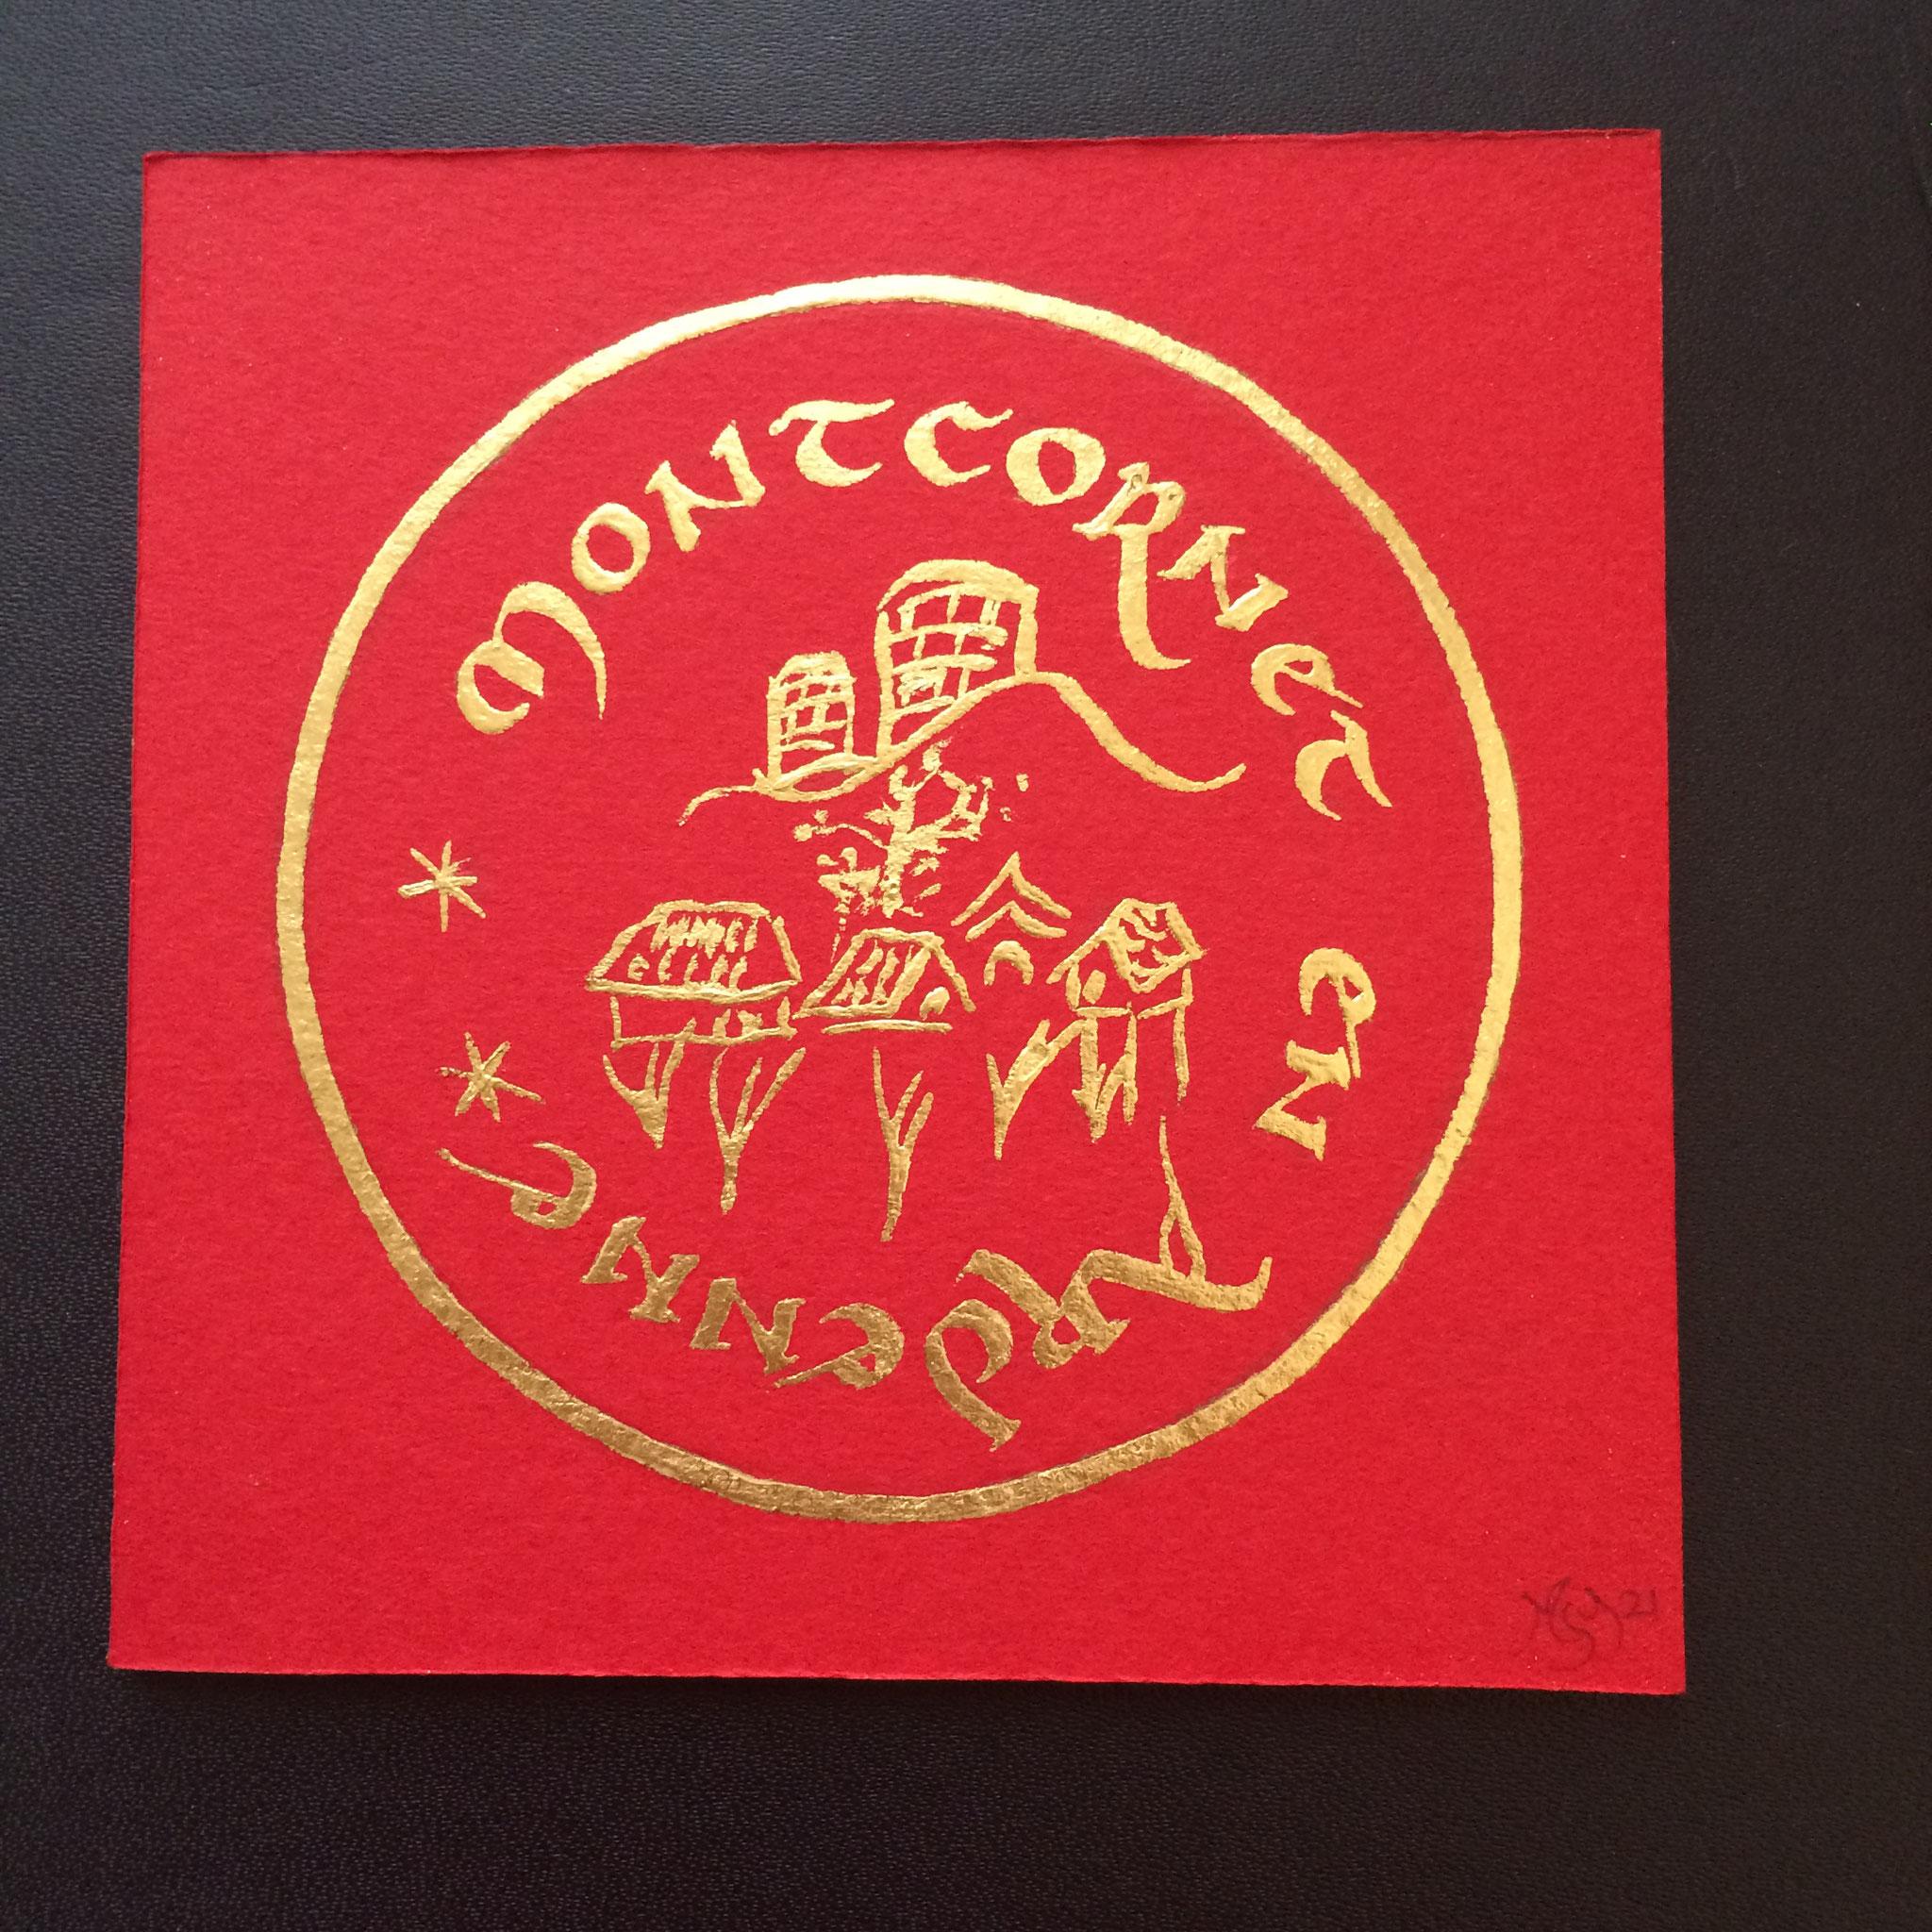 Montcornet en Ardenne, sur papier, feuille d'or, création MSY 2021